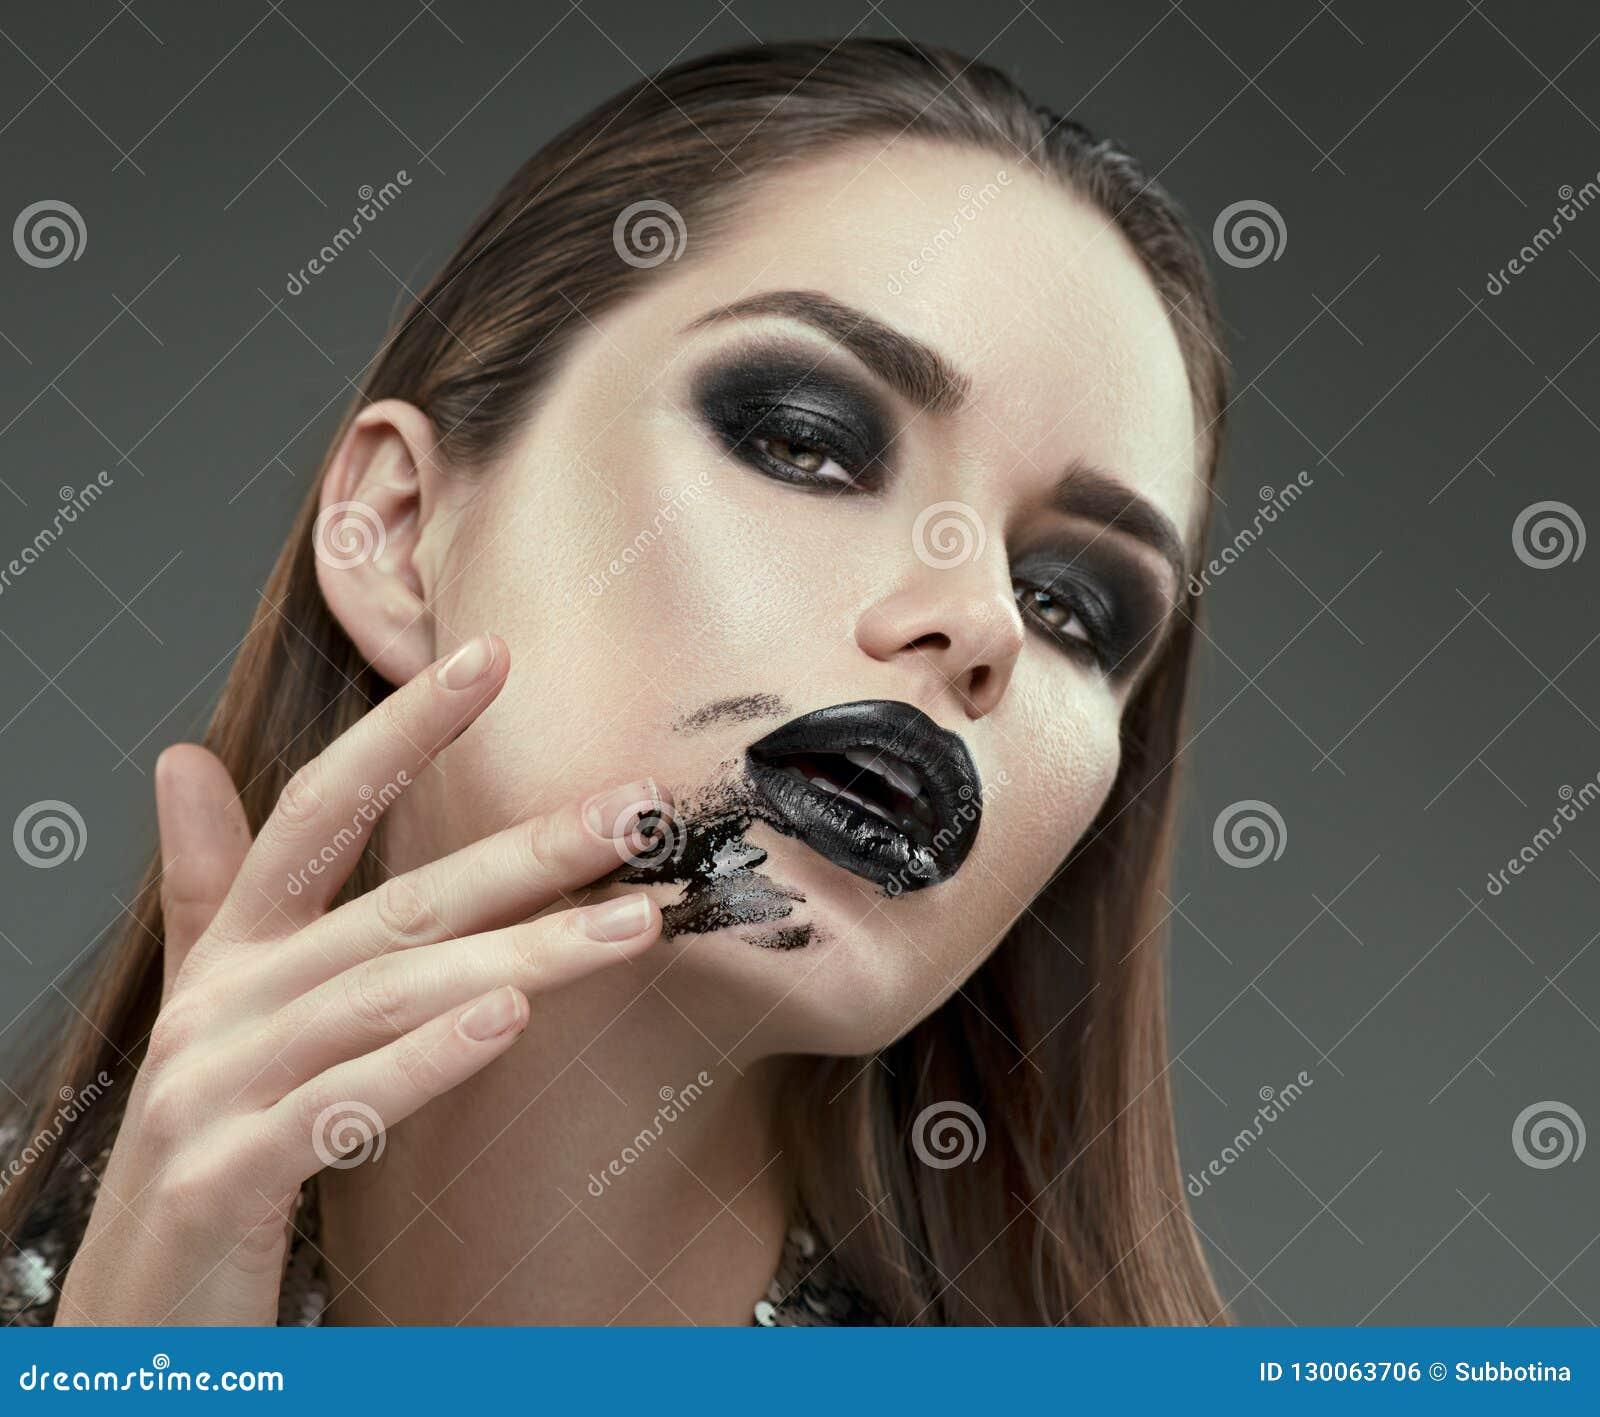 Maquillaje de Víspera de Todos los Santos Muchacha del modelo de moda con maquillaje negro gótico de moda La mujer joven mancha l